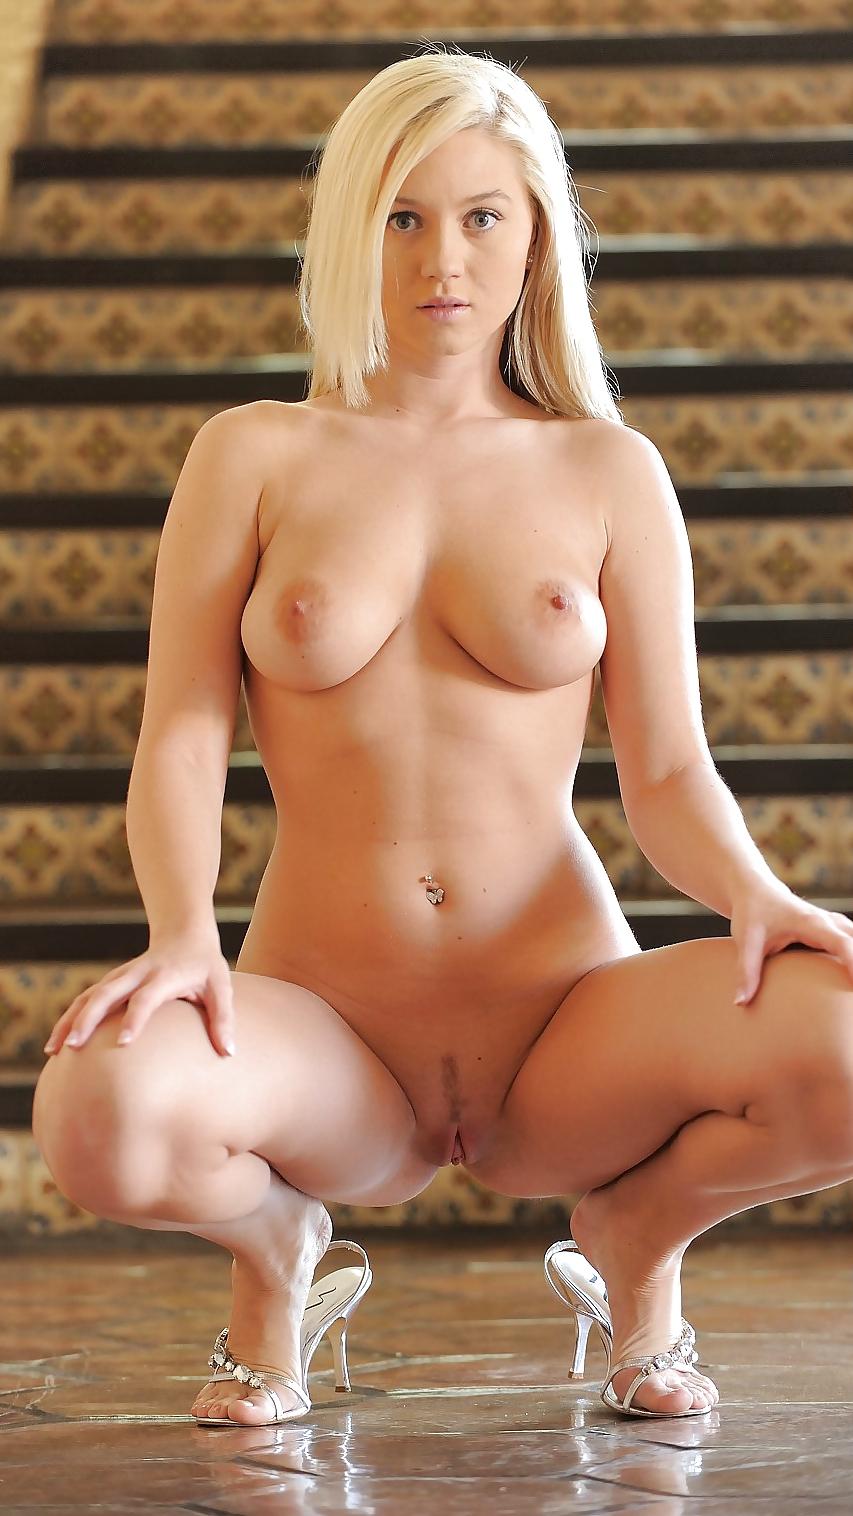 Holly madison nude naked — photo 8